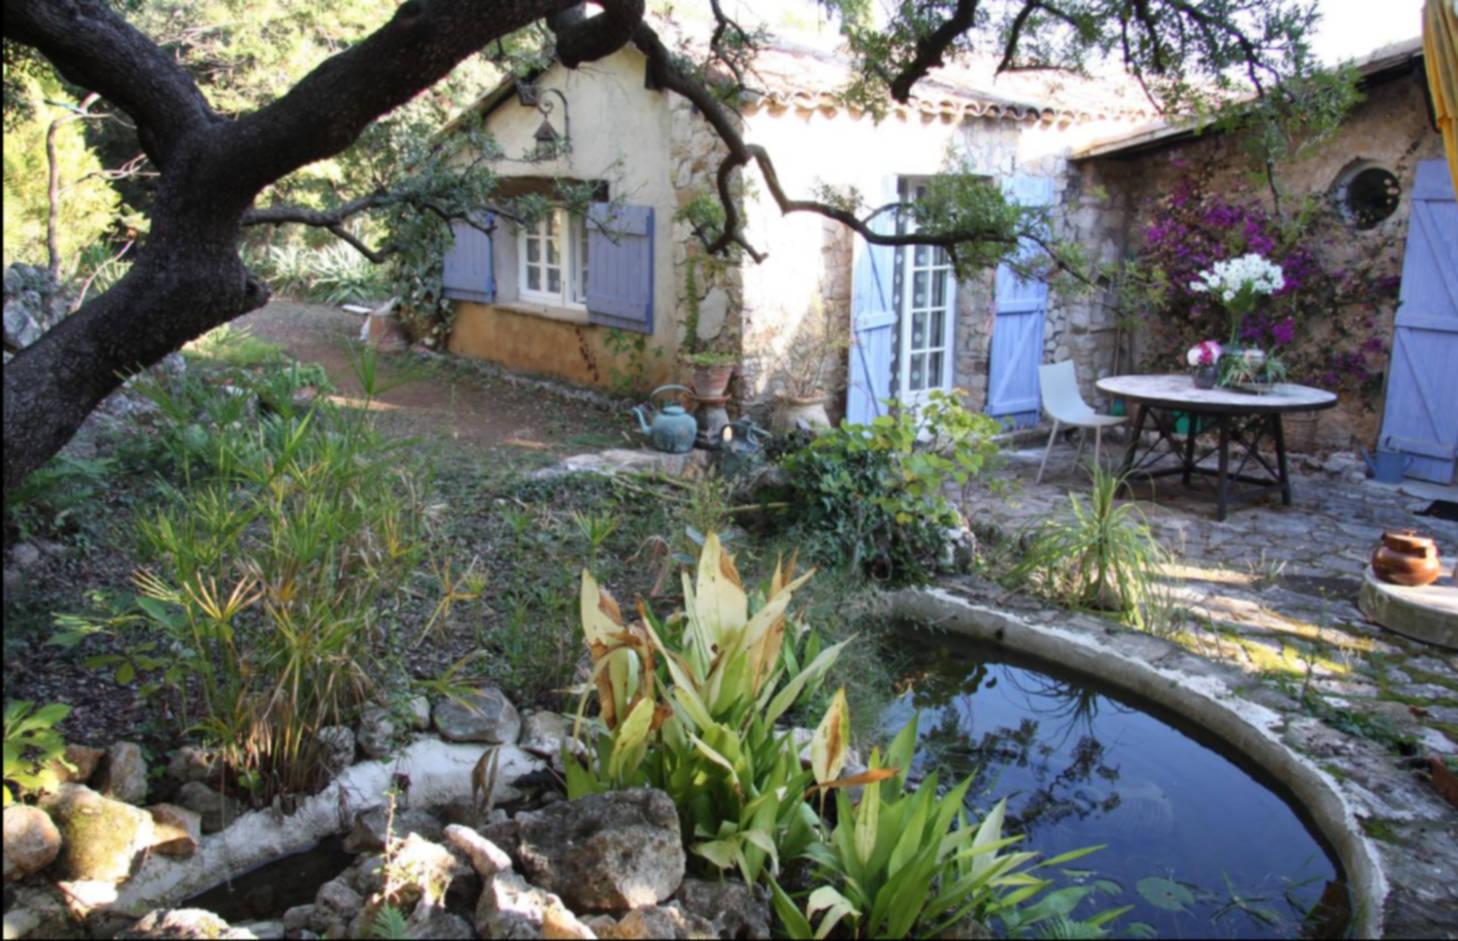 A close up of a garden at LA MAISON BLEUE.